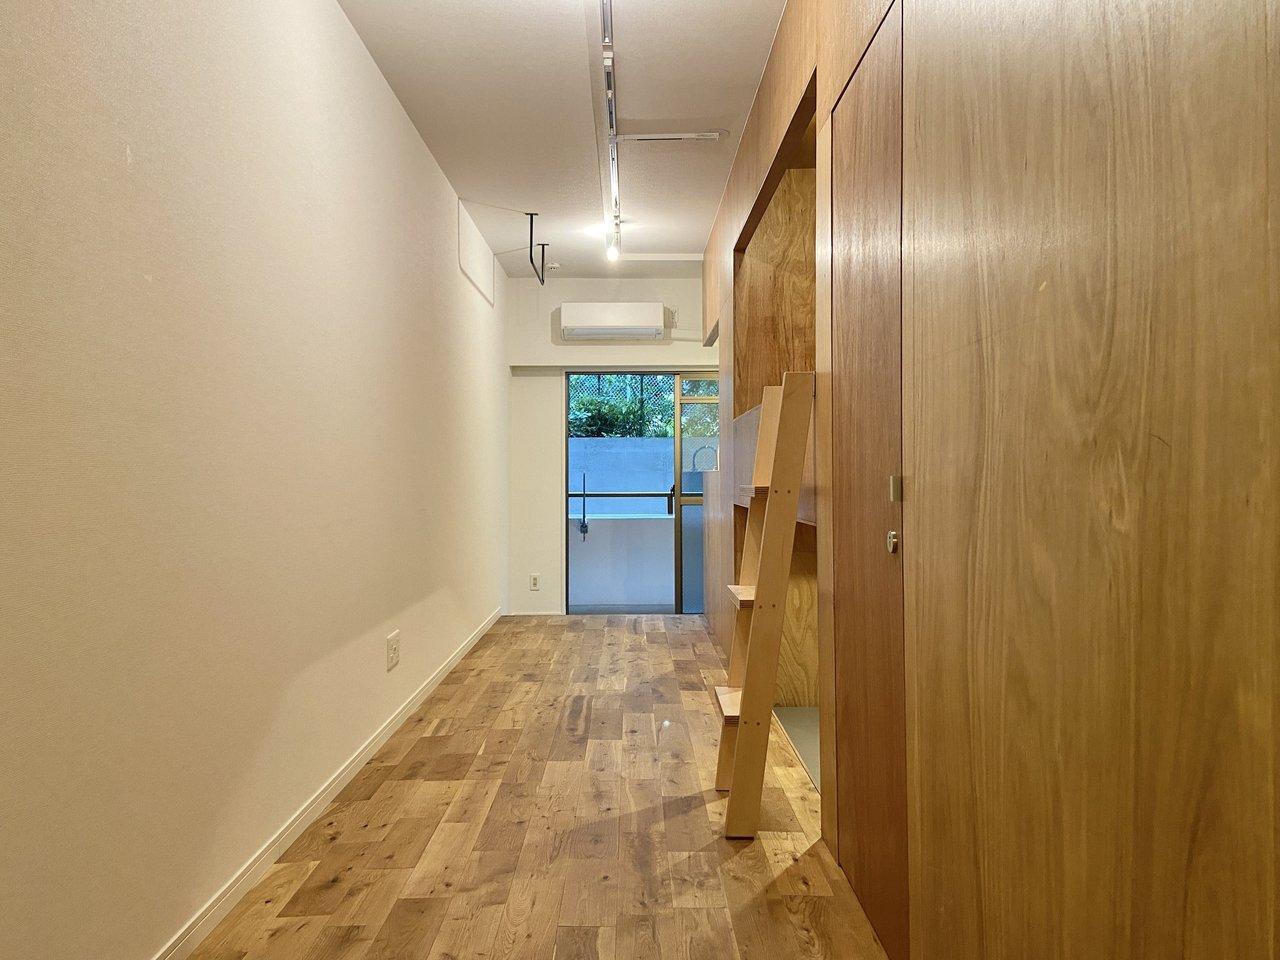 玄関入ってお部屋の右側には、2.7mある天井を生かしてロフトを作りました。ラワンの板貼り×オークの無垢フローリングは統一感があって素敵。